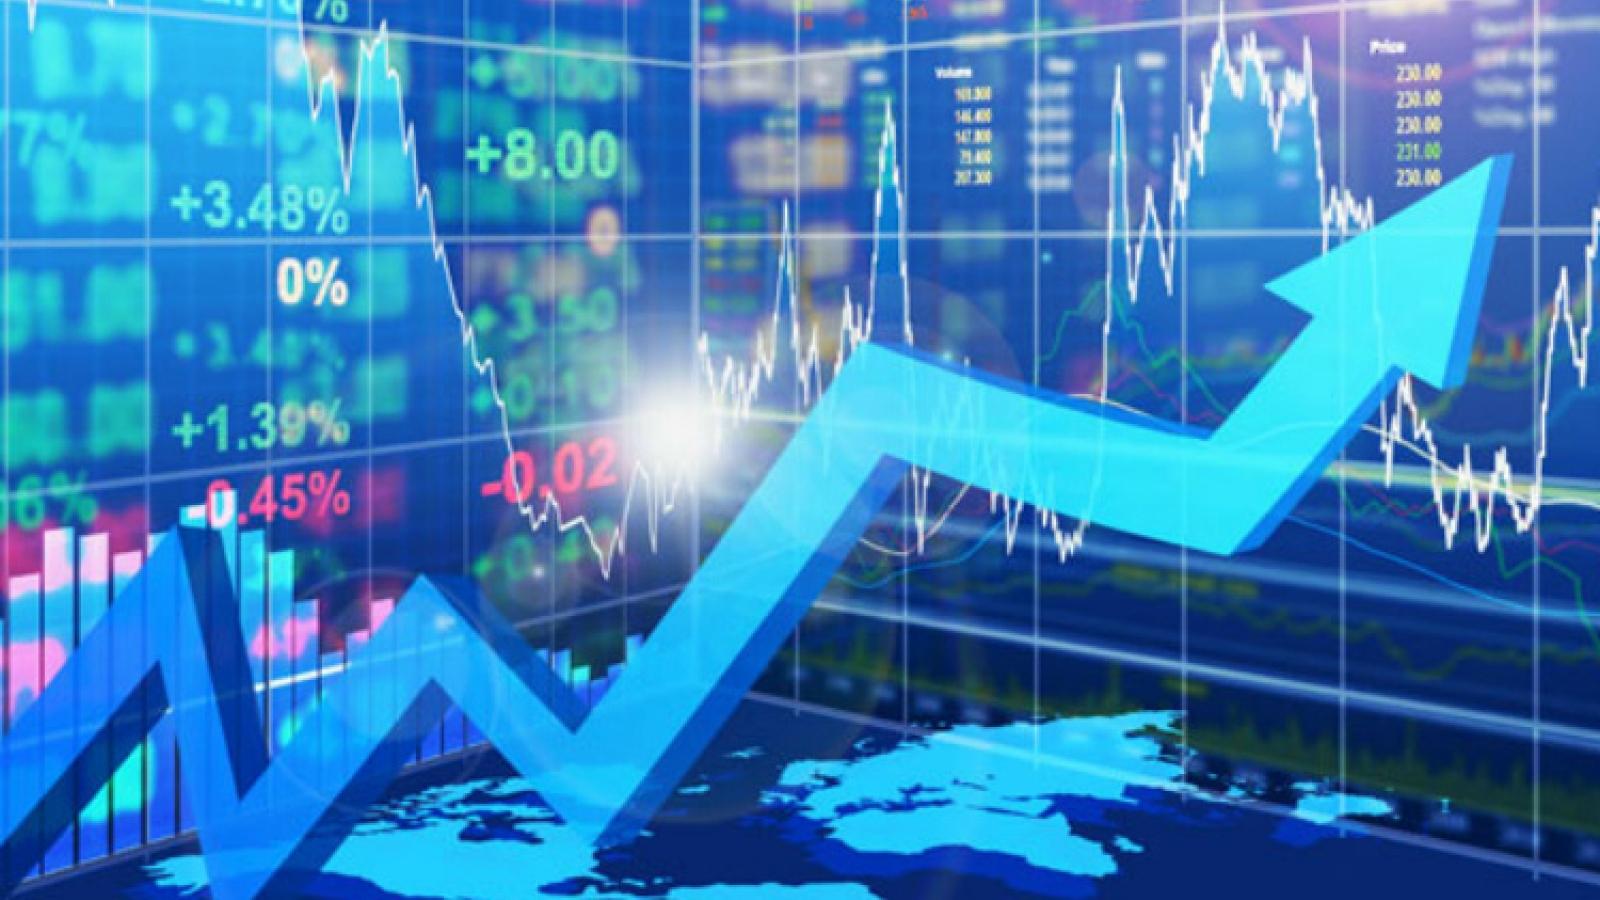 Người Việt đang dư tiền, cơ hội thị trường chứng khoán phát triển